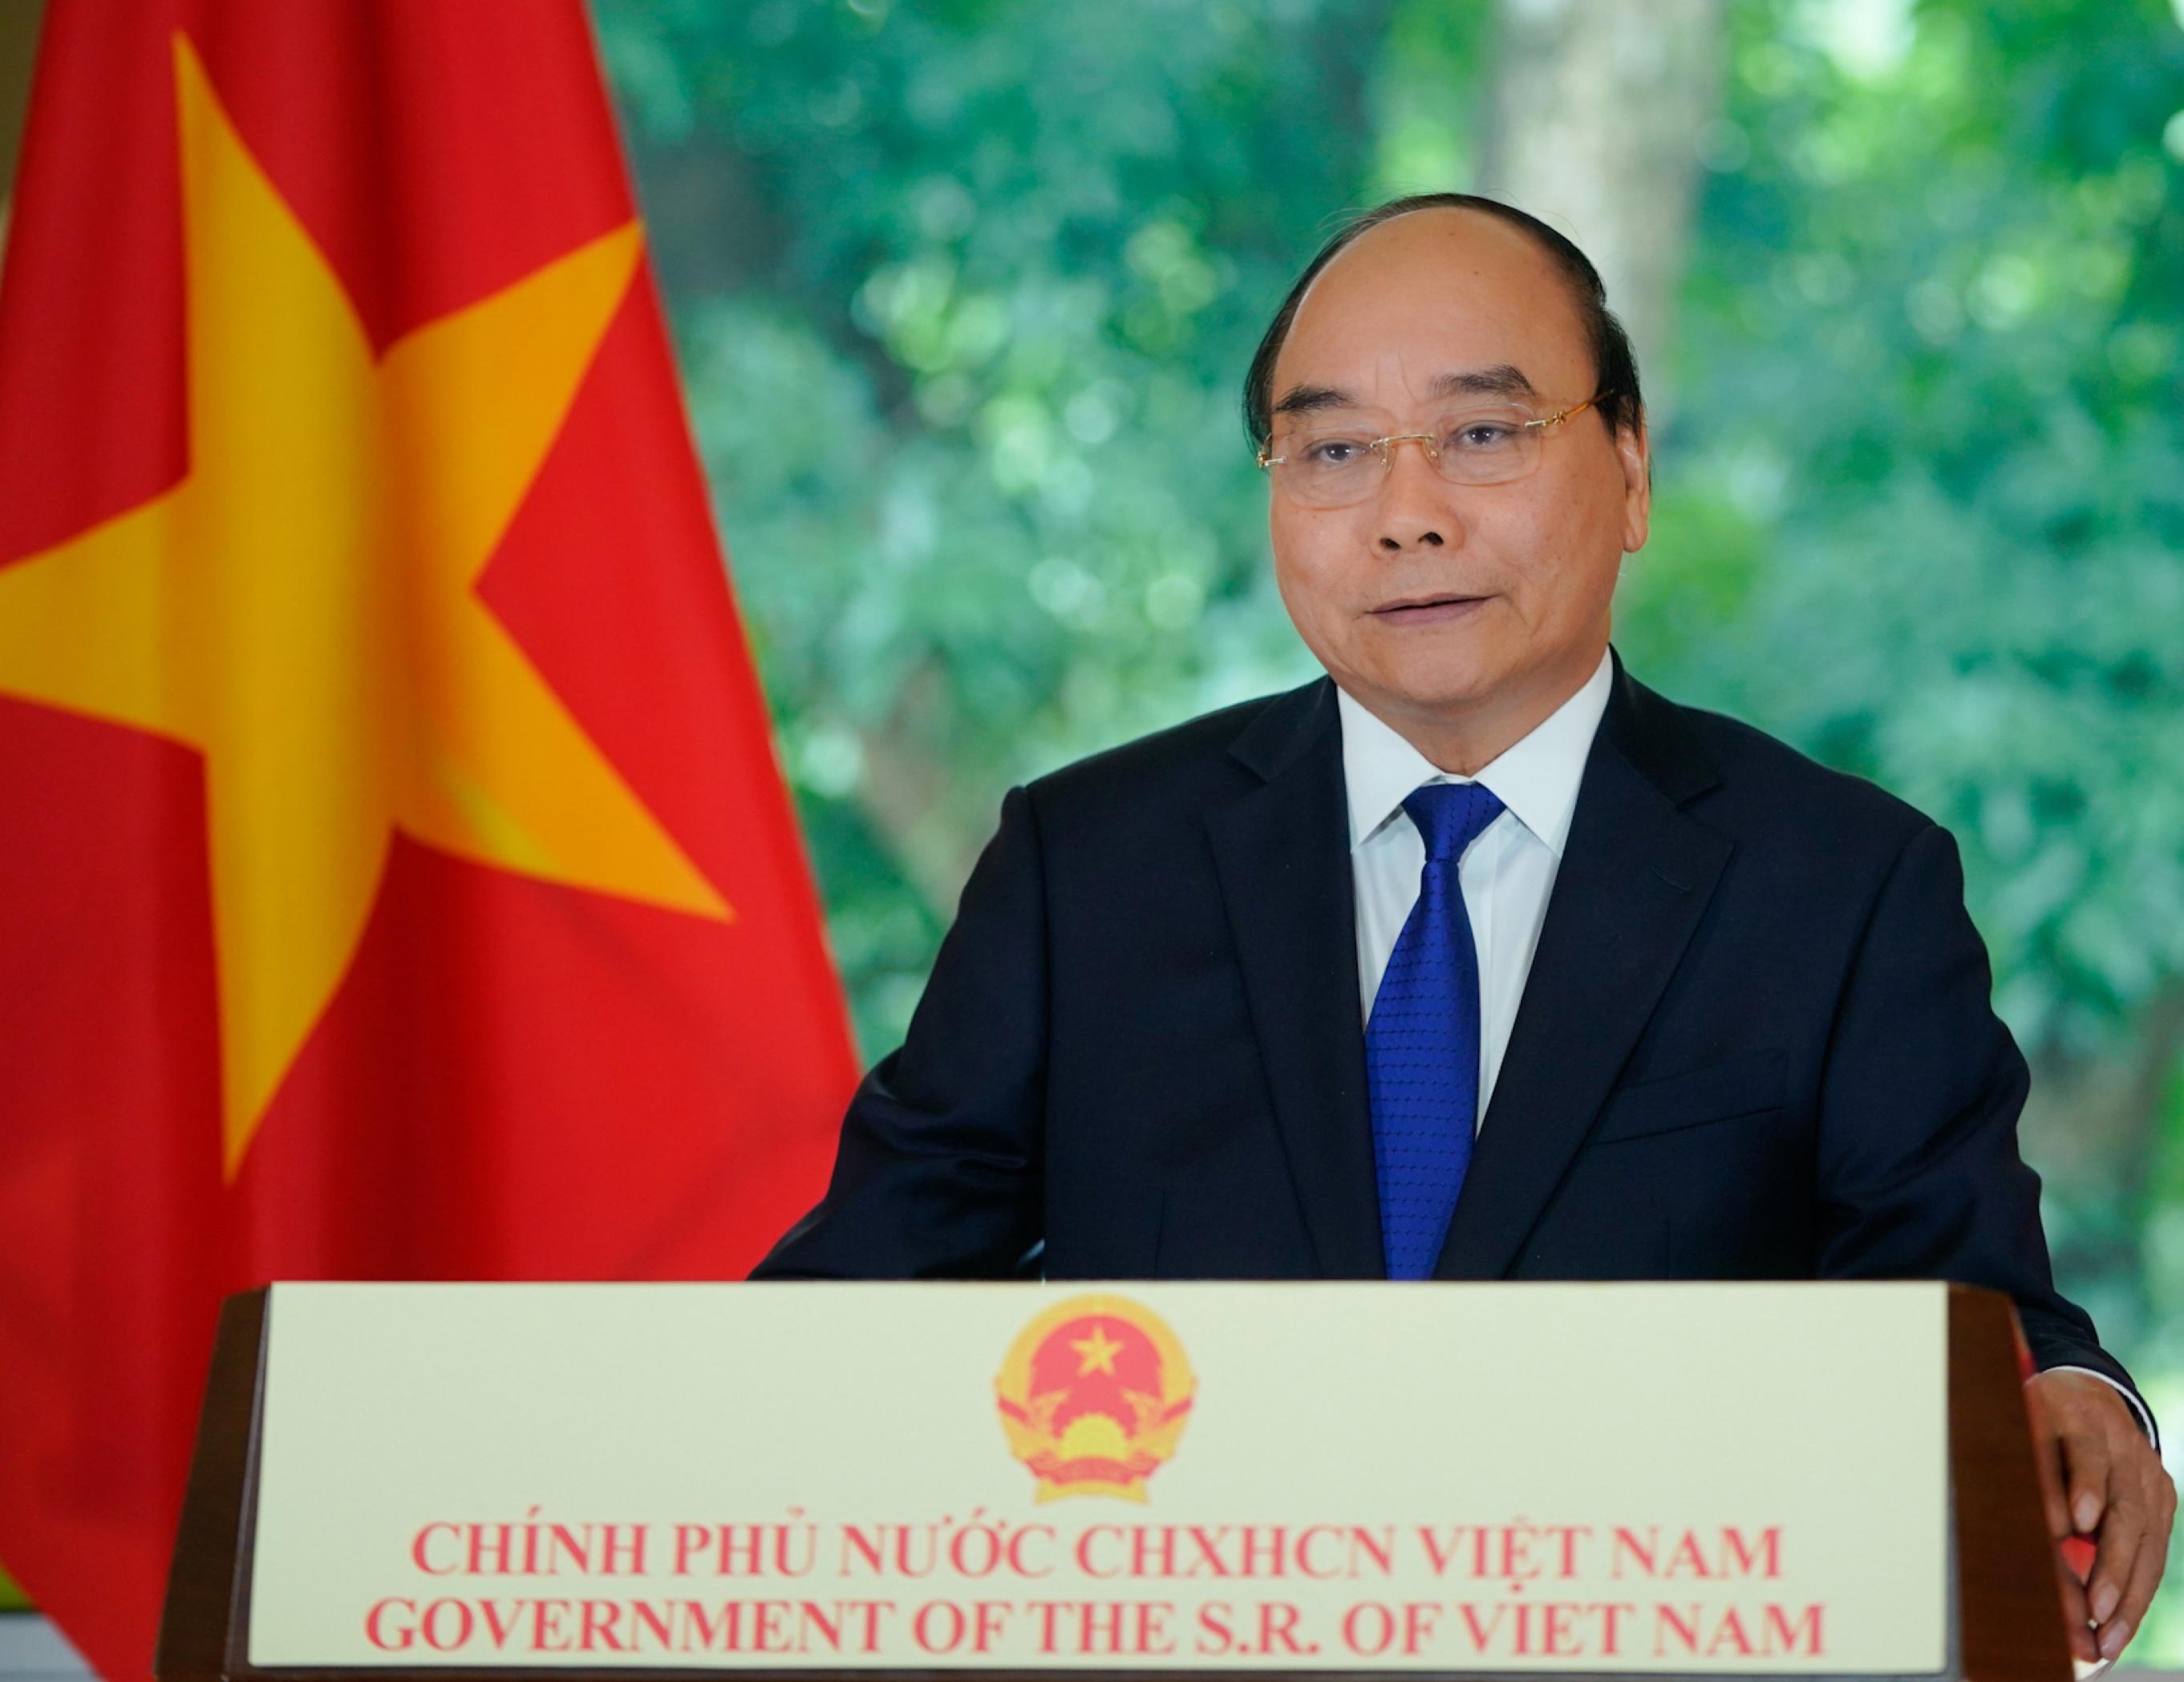 Thông điệp của Thủ tướng Nguyễn Xuân Phúc gửi Hội nghị về biến đổi khí hậu